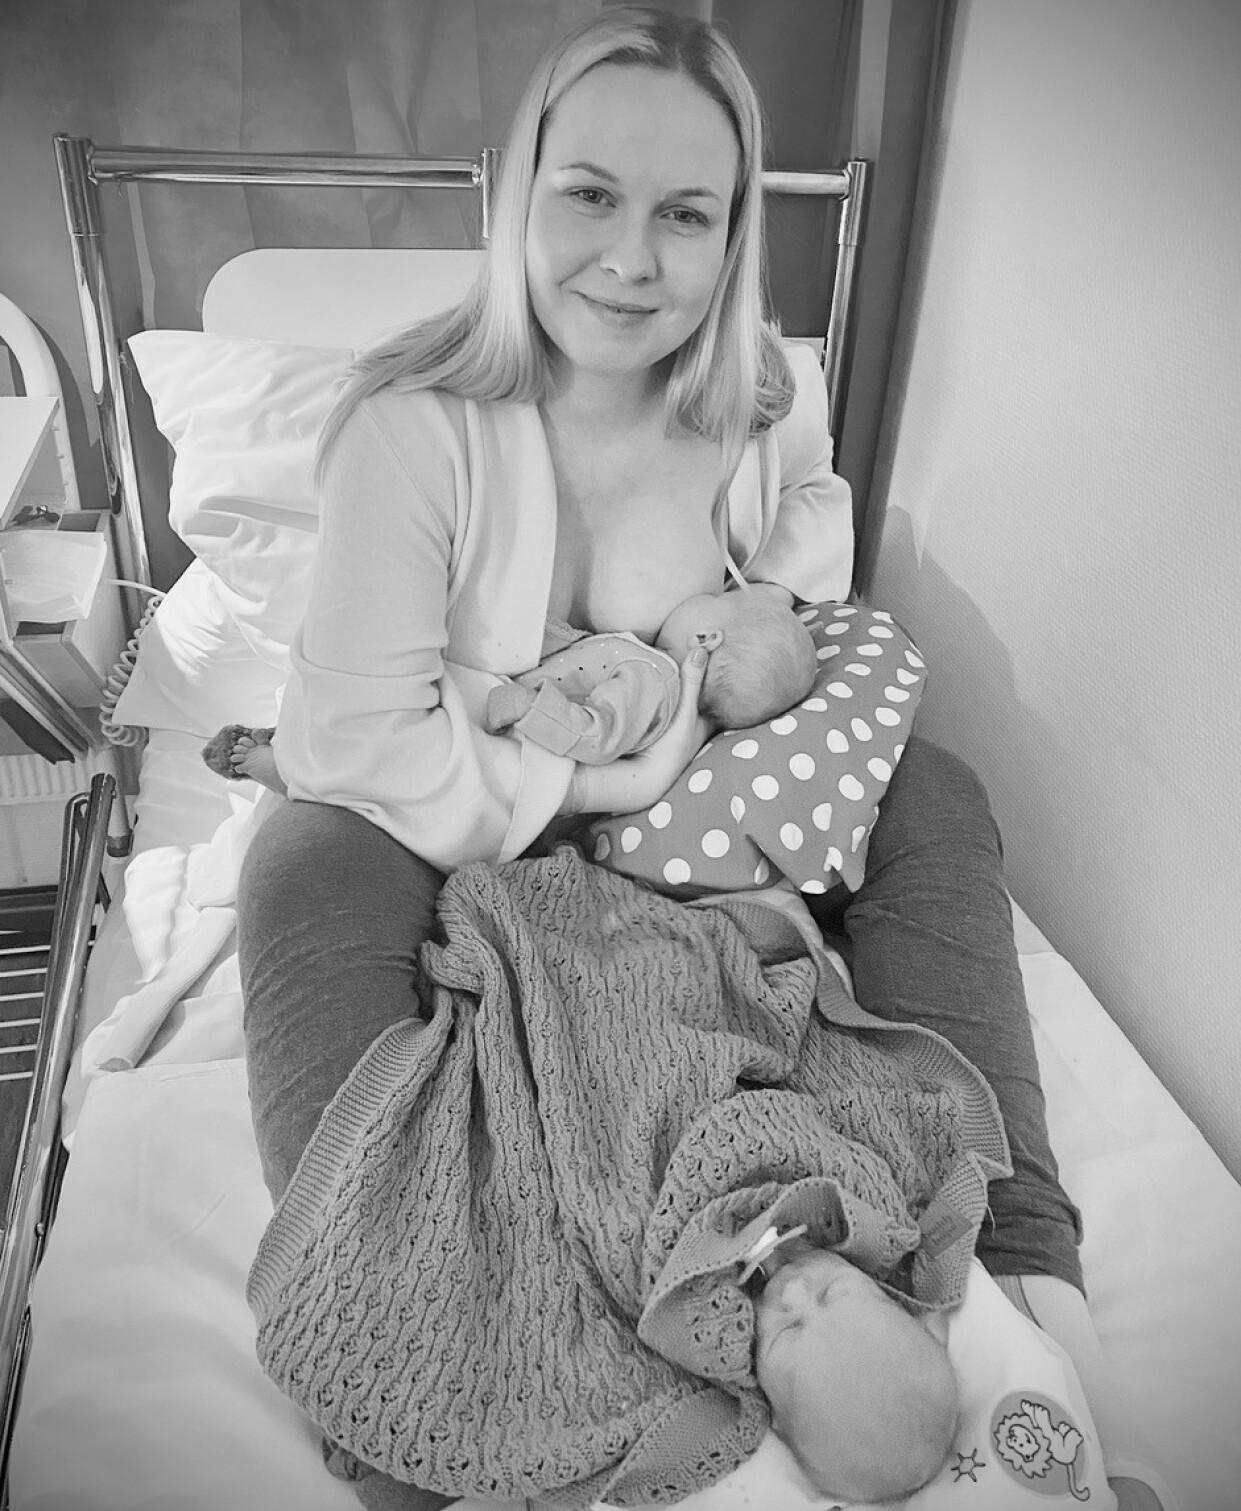 AMMING: Miriam hadde pumpet brystene mens hun var separert fra barna, slik at melkeproduksjonen skulle være i gang til hun fikk dem inn til seg. FOTO: Privat